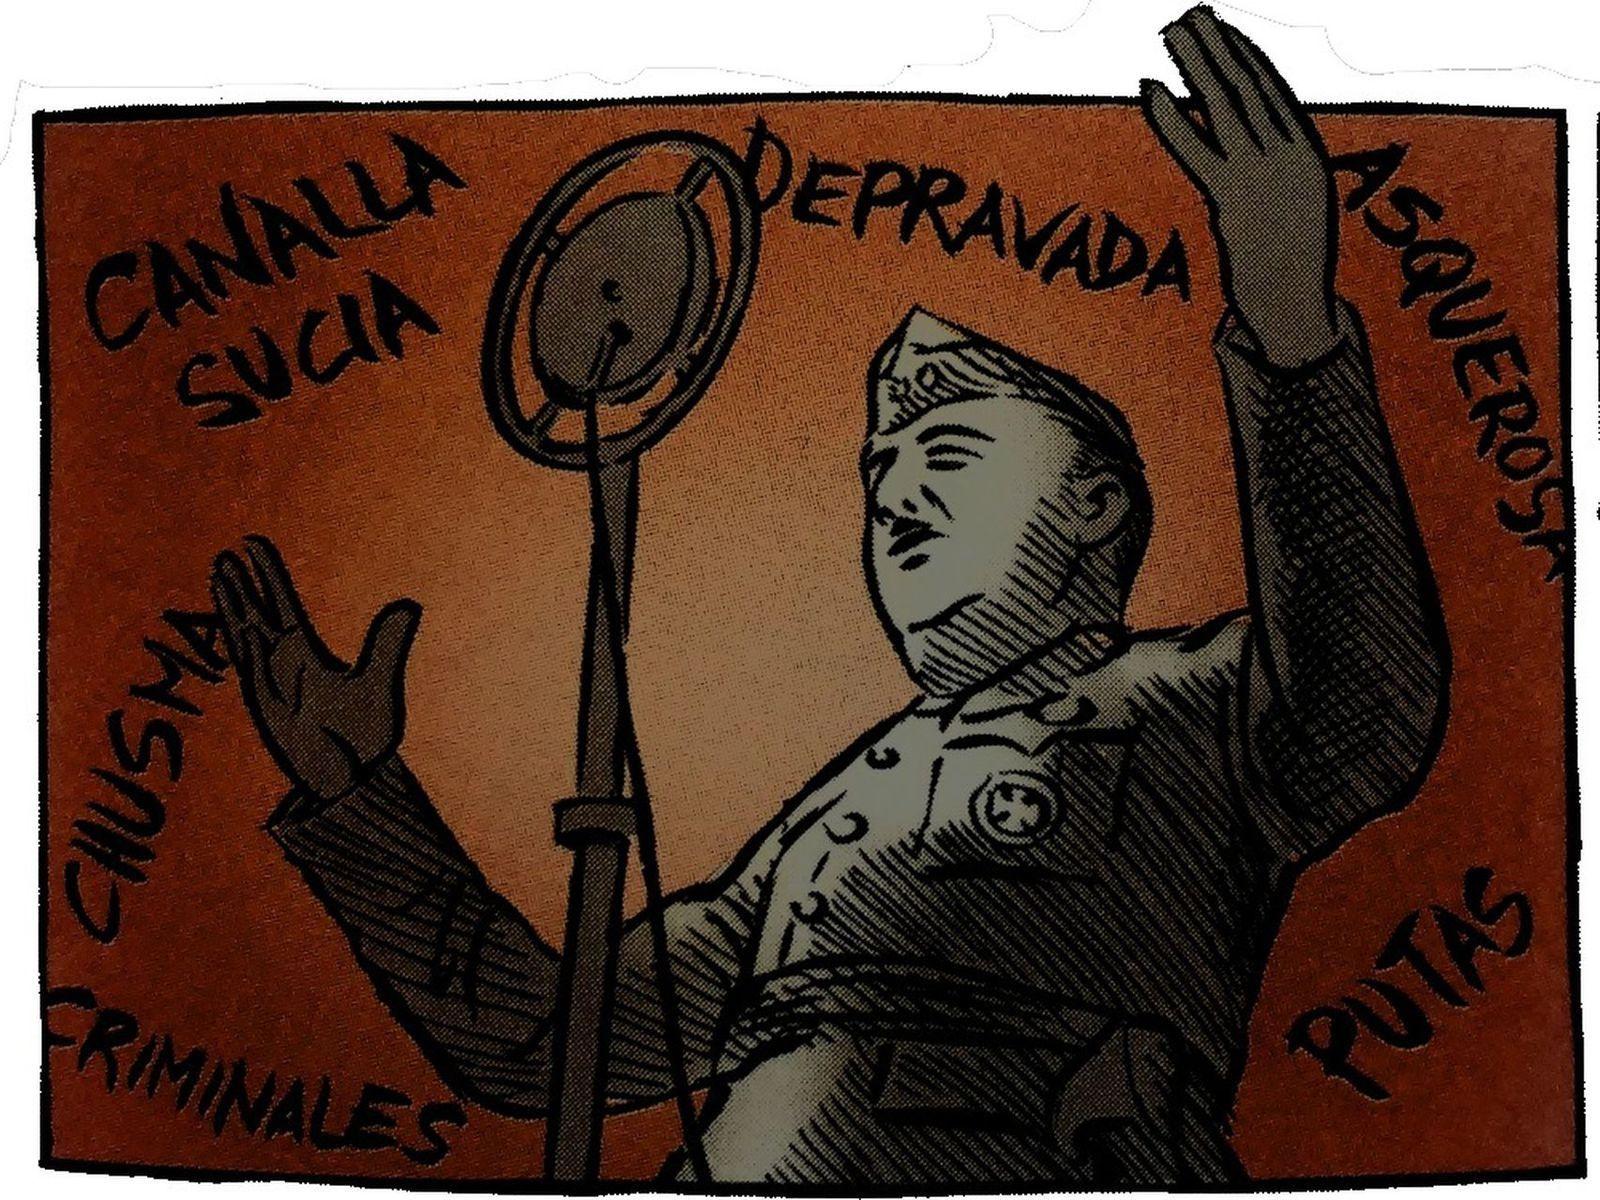 18 juillet 1936 : début de la Guerre d'Espagne